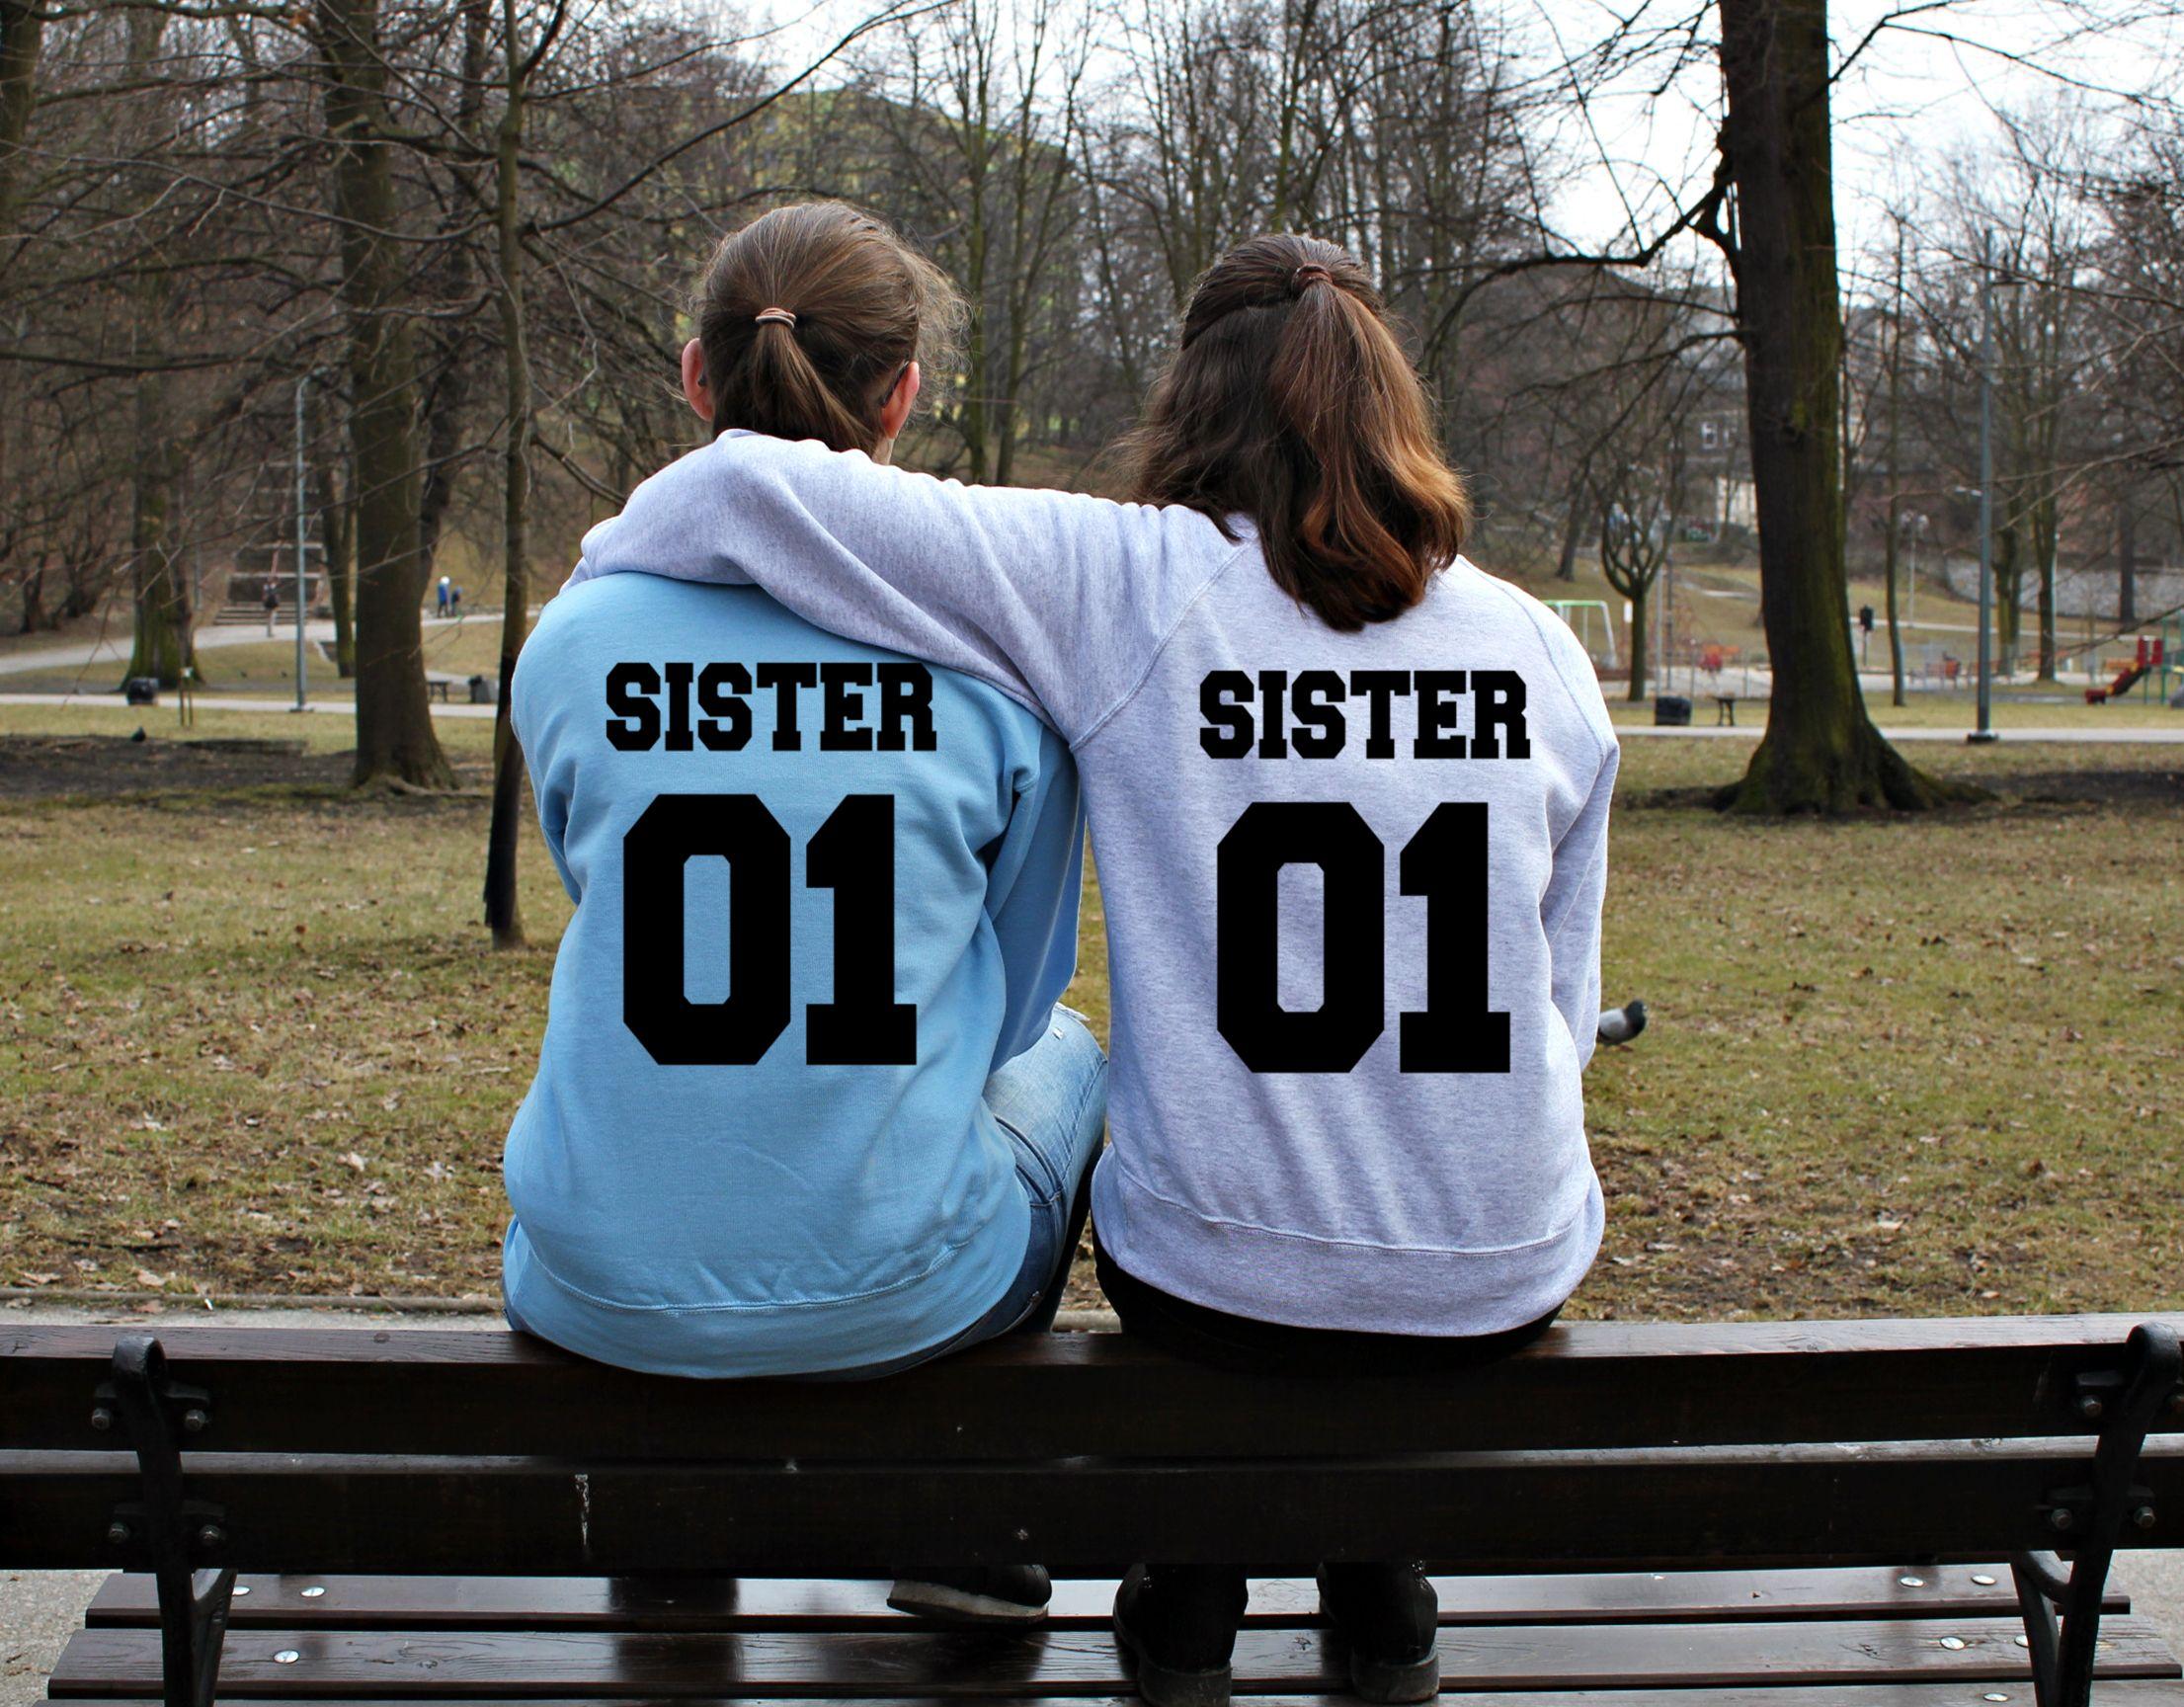 f9d2d01b1 Bluzy dla przyjaciółek z nadrukiem SISTER 01. Bluzy dla przyjaciół z  nadrukami. Idealny prezent dla przyjaciółek i przyjaciół. Sklep internetowy  WYDRUKOWANE